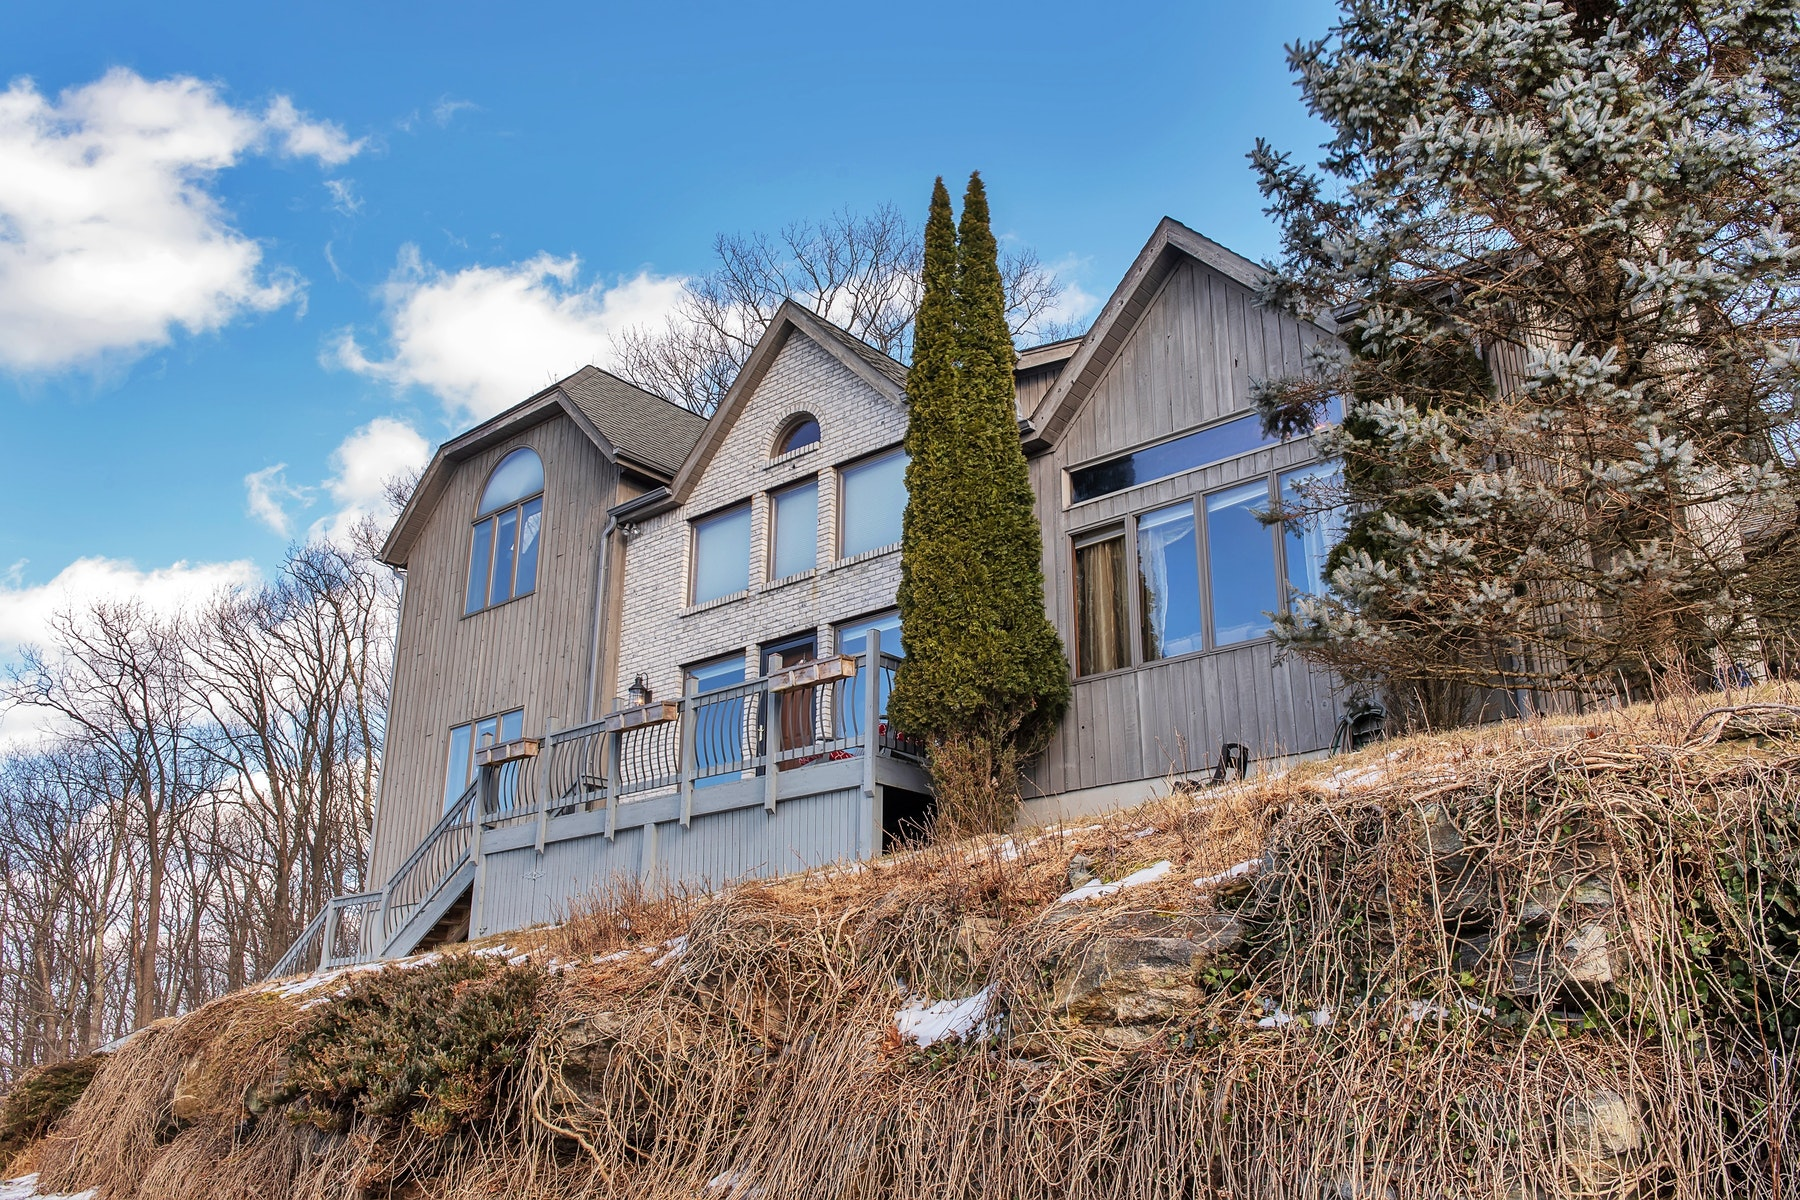 Частный односемейный дом для того Продажа на Stunning Mountain Views 21 Joan Drive, Stanhope, Нью-Джерси 07874 Соединенные Штаты